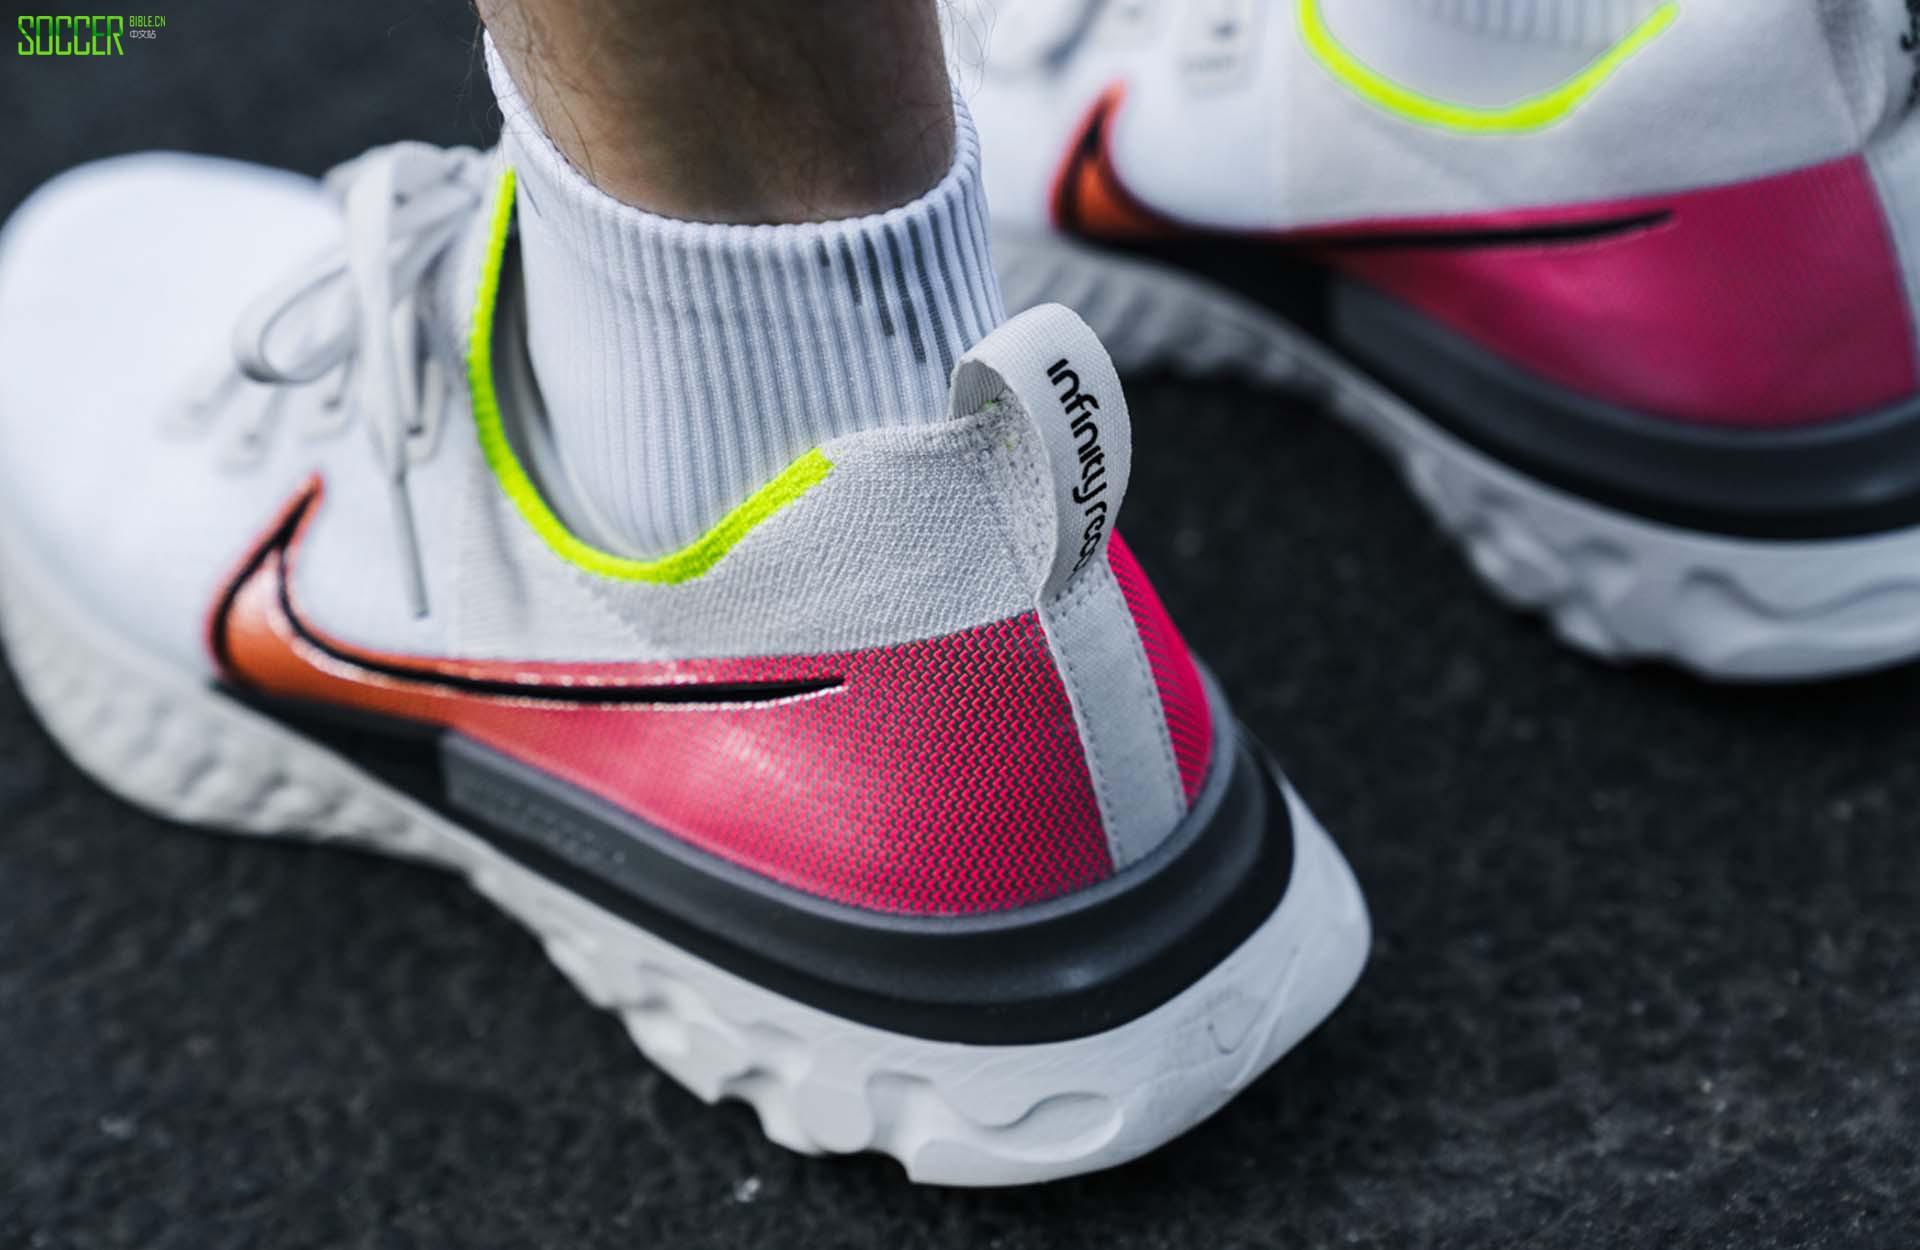 耐克发布React Infinity Run跑鞋